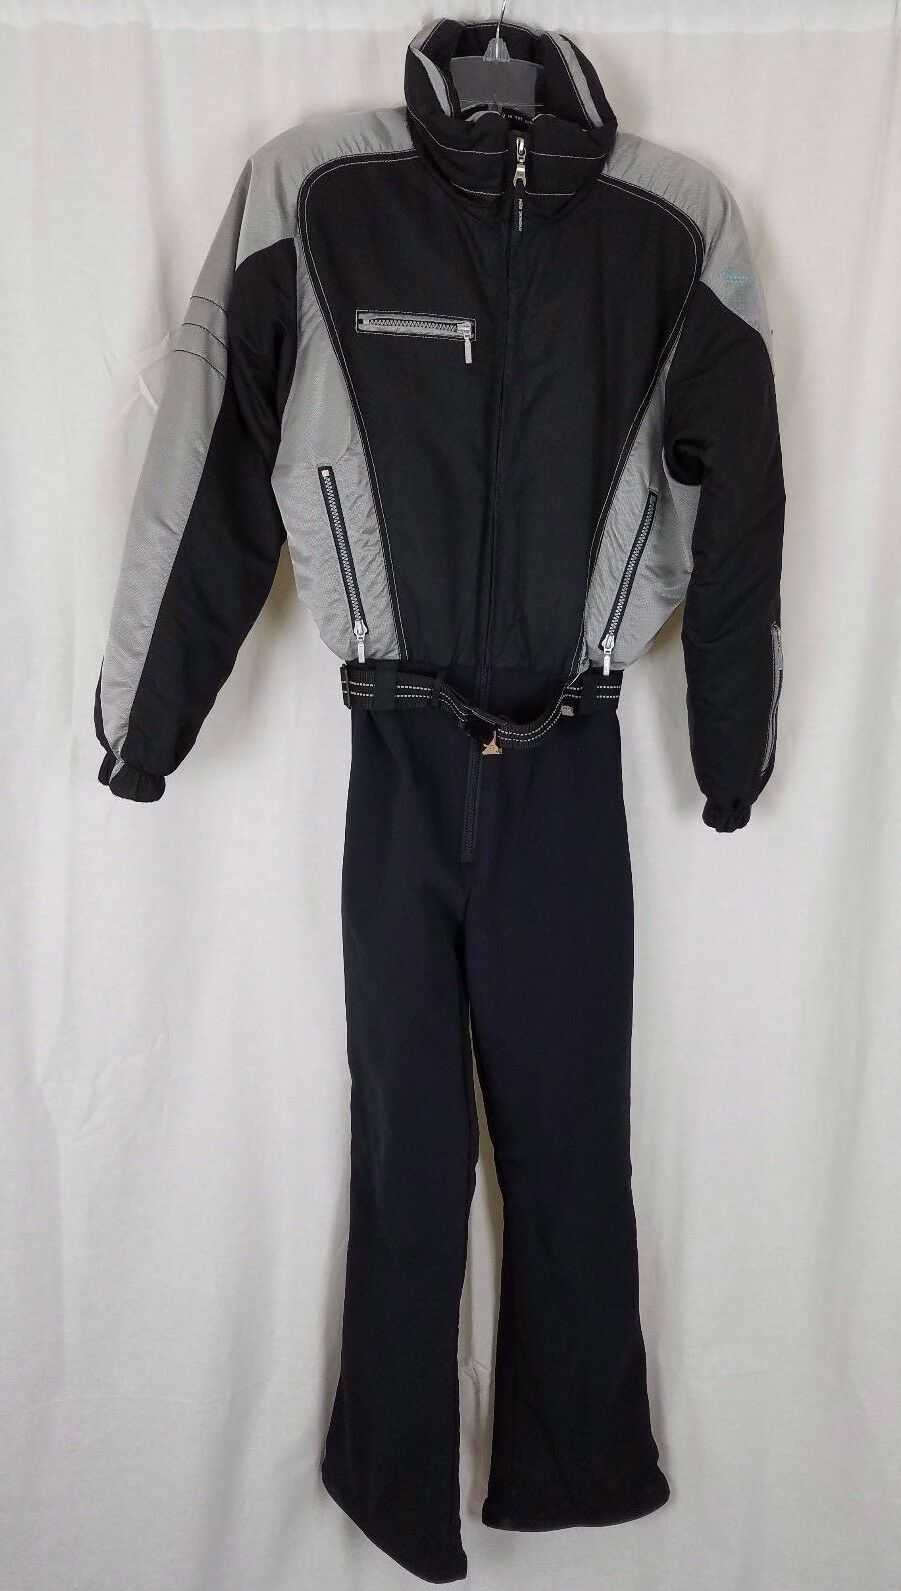 Vintage 90s Nils Abbigliamento da Sci Isolato Intero Sciistica Invernale Tuta